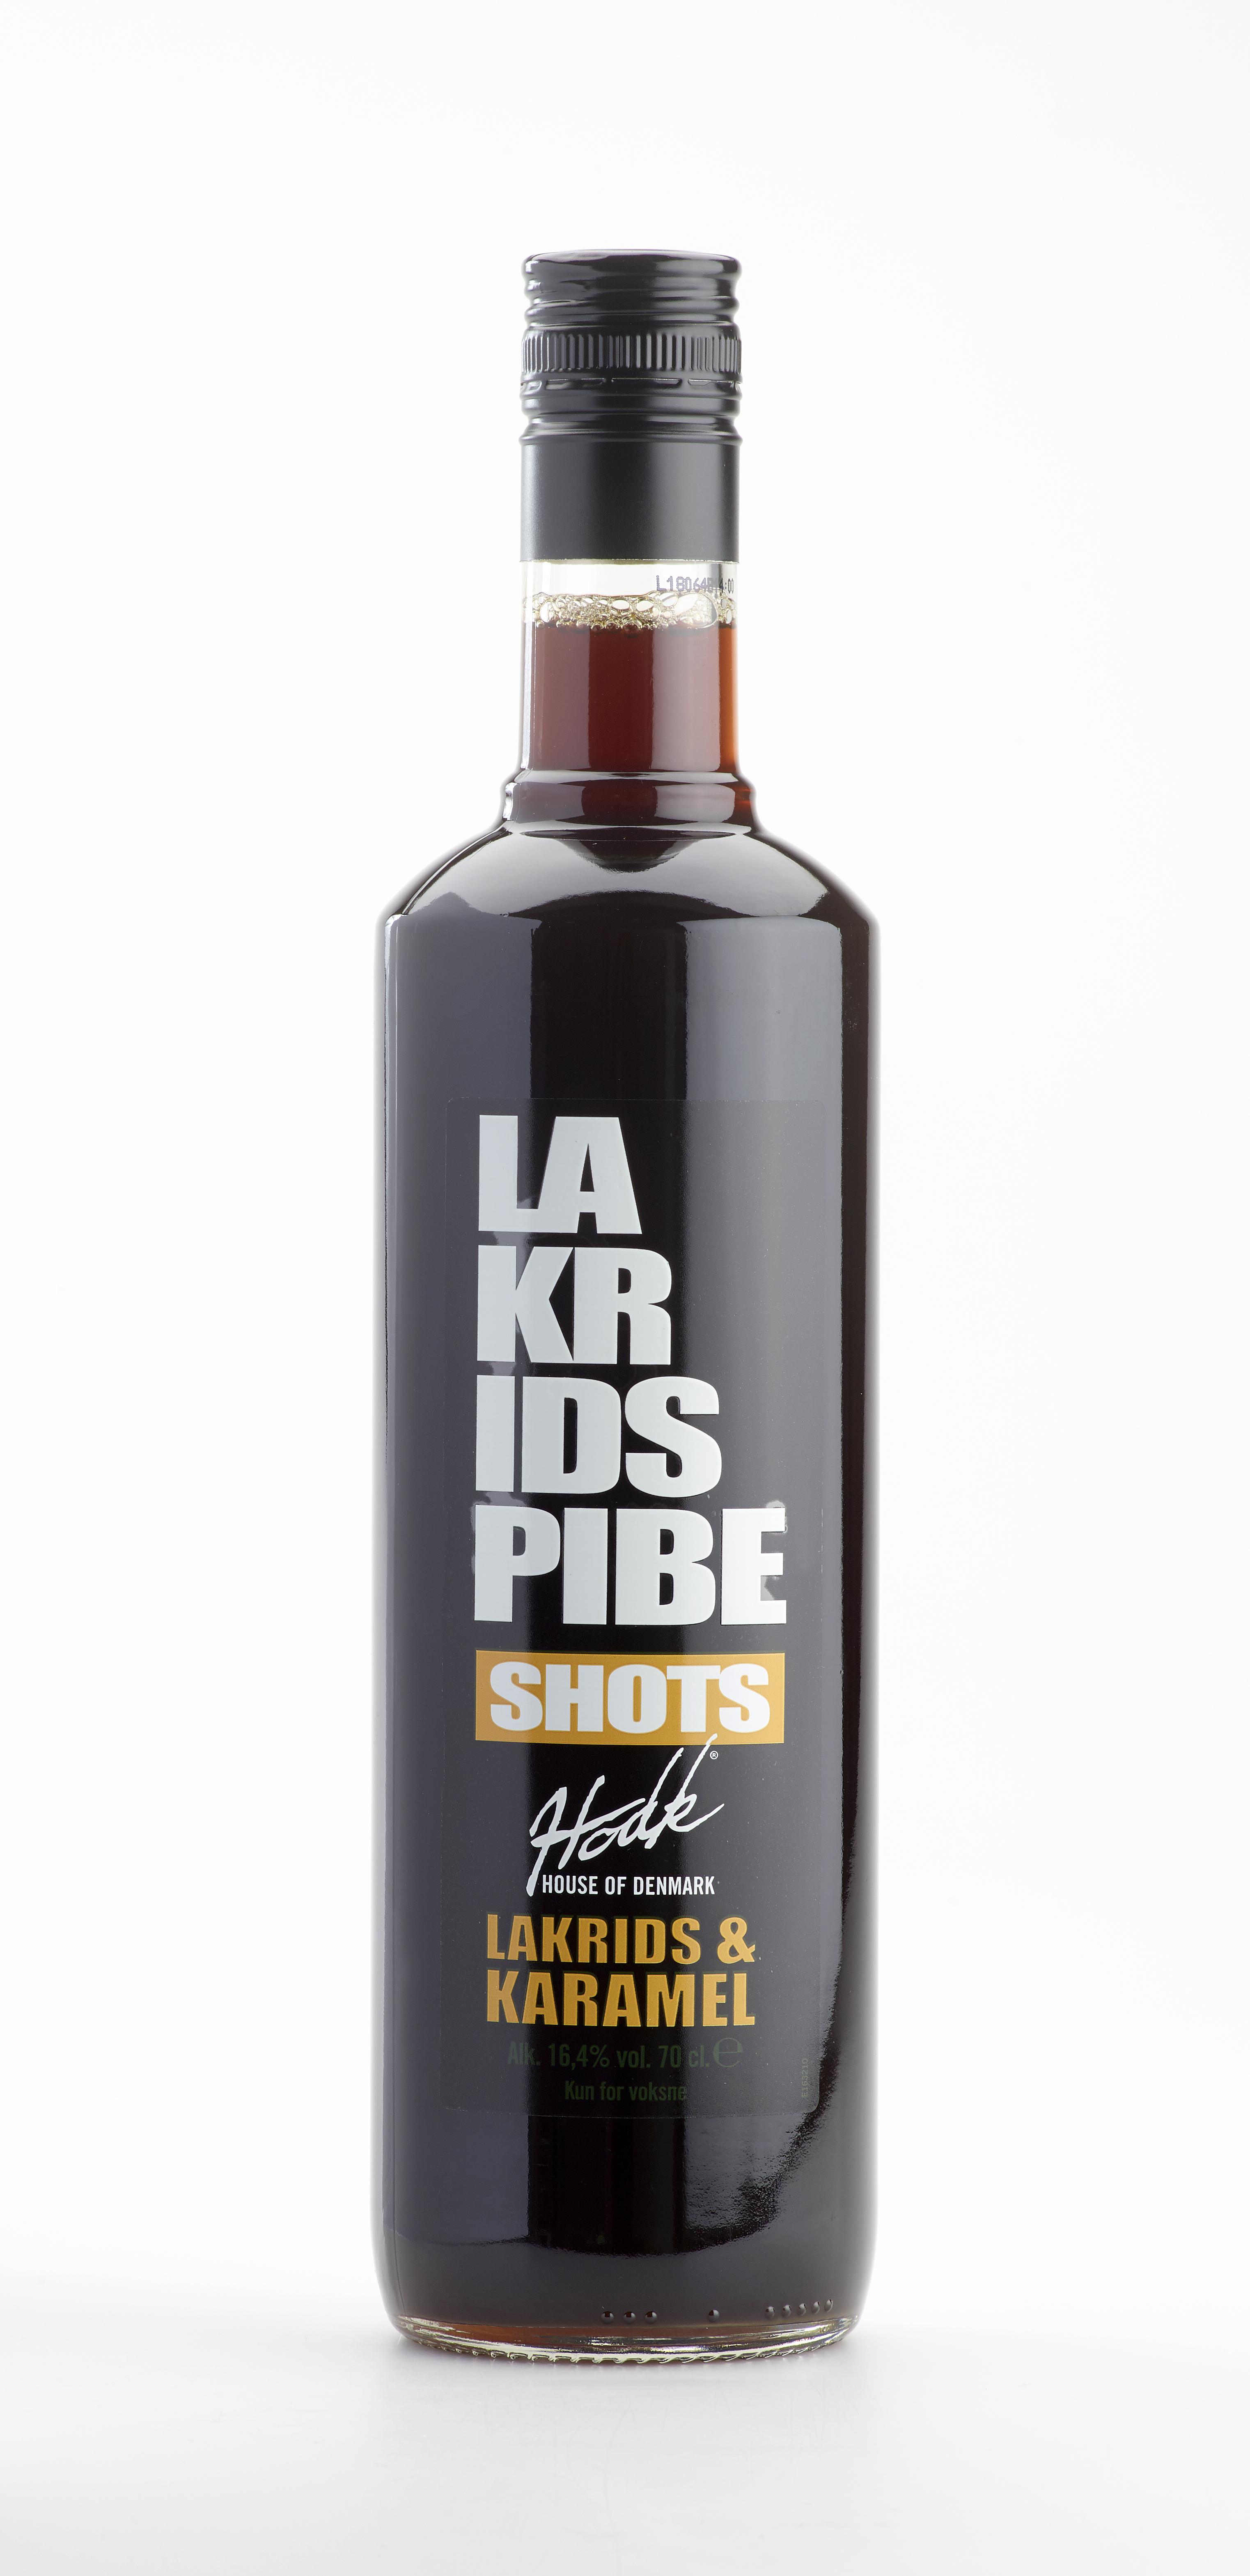 Lakridspibe Shots